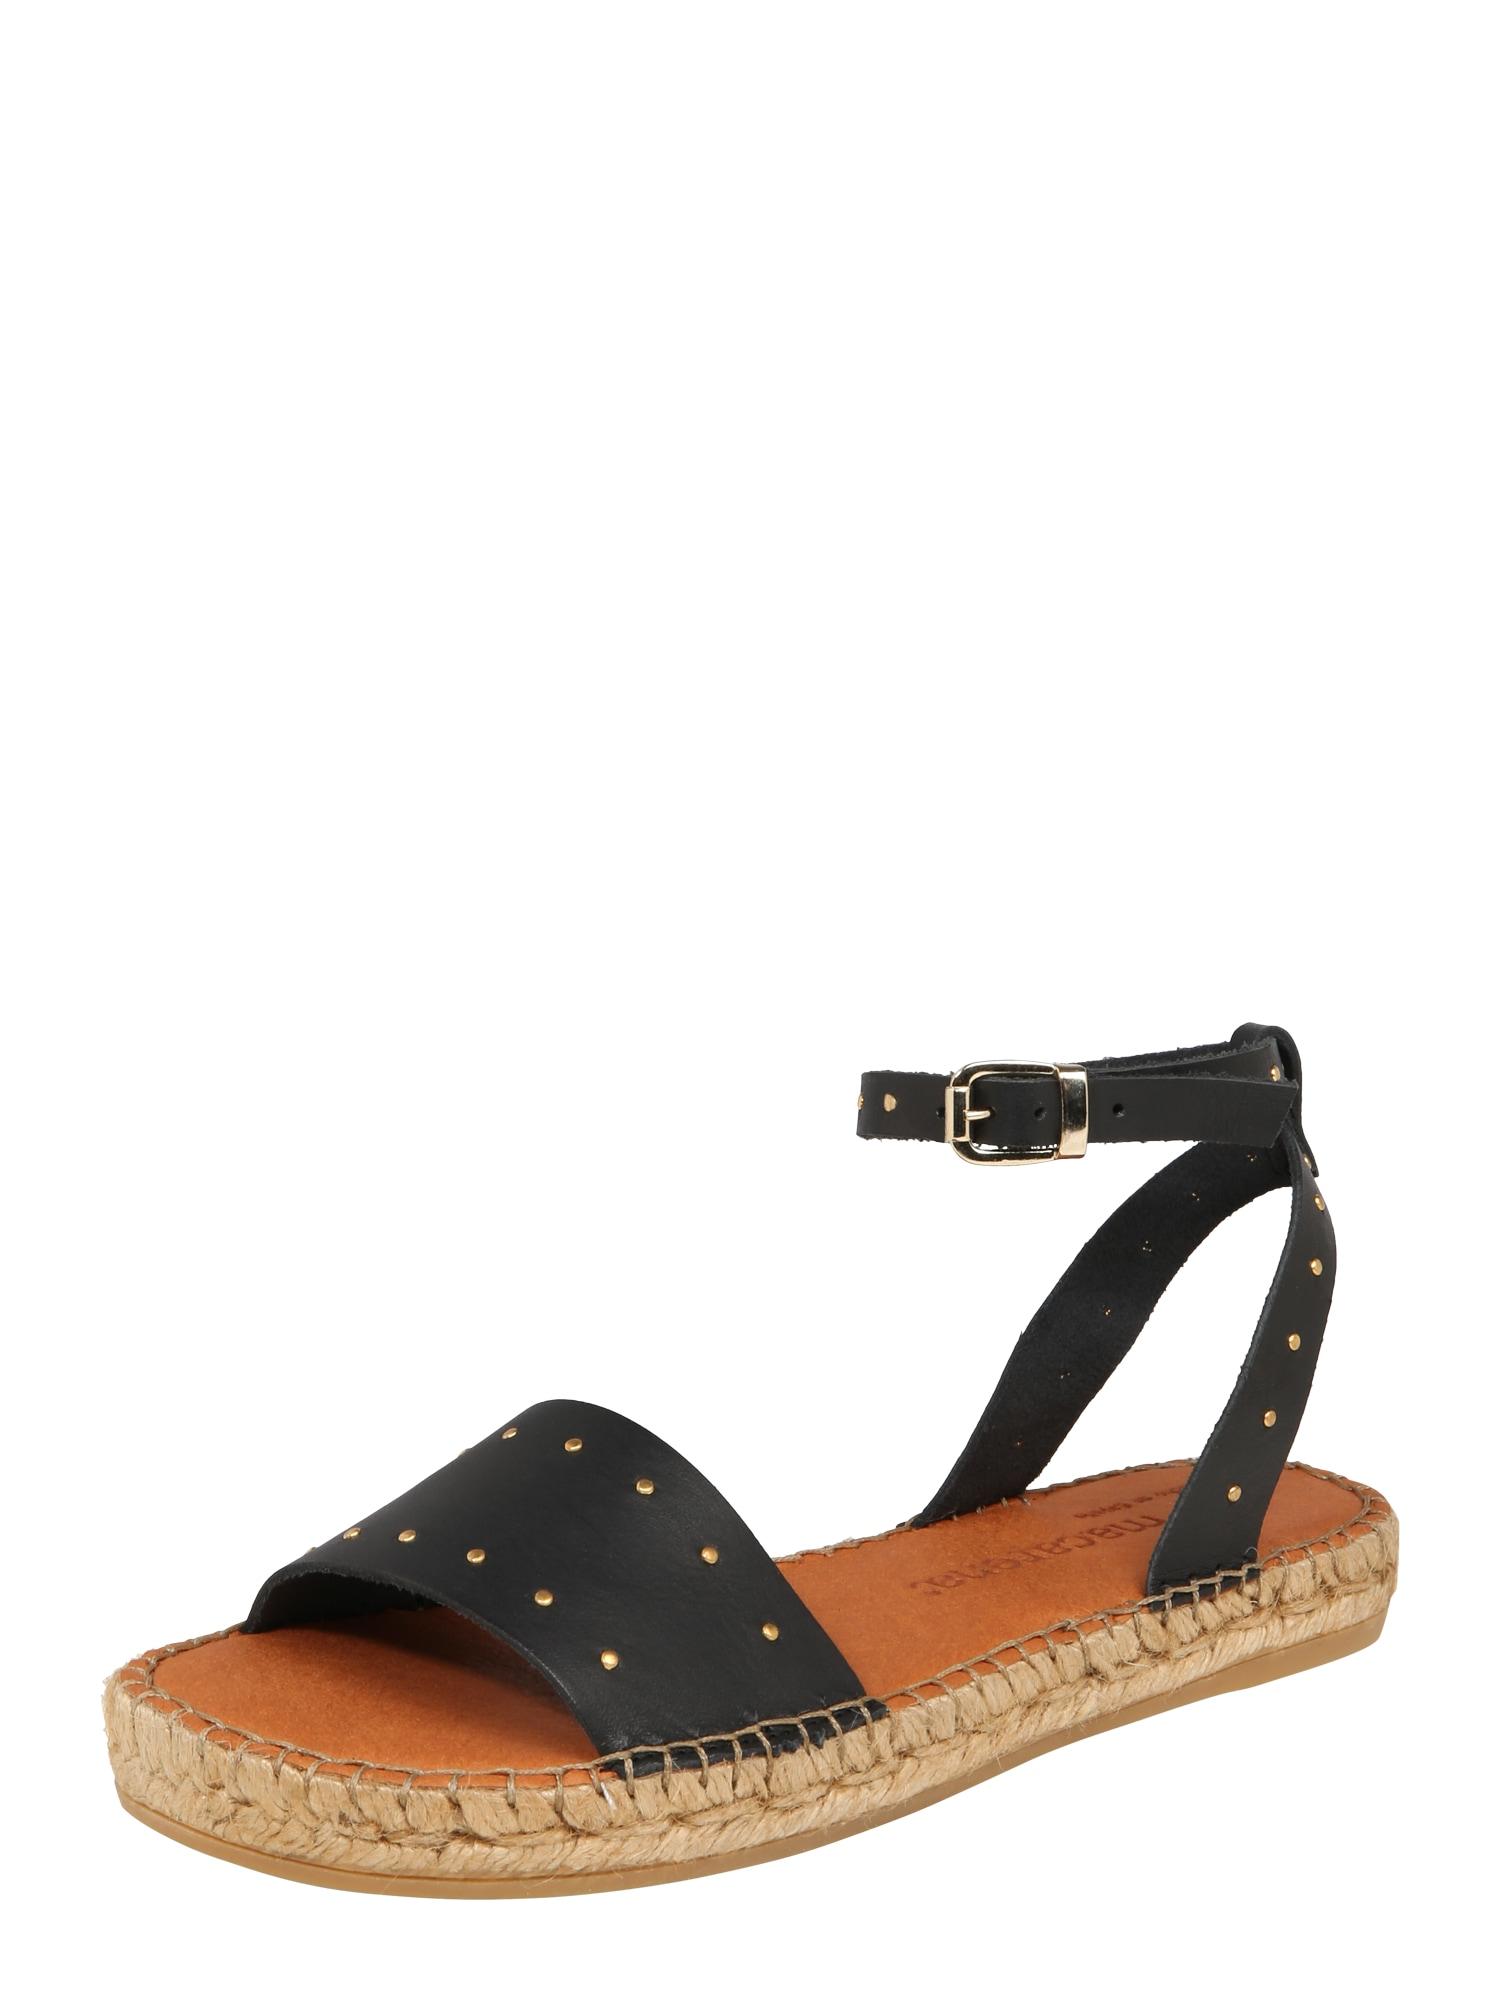 Páskové sandály Nika 16 černá MACARENA